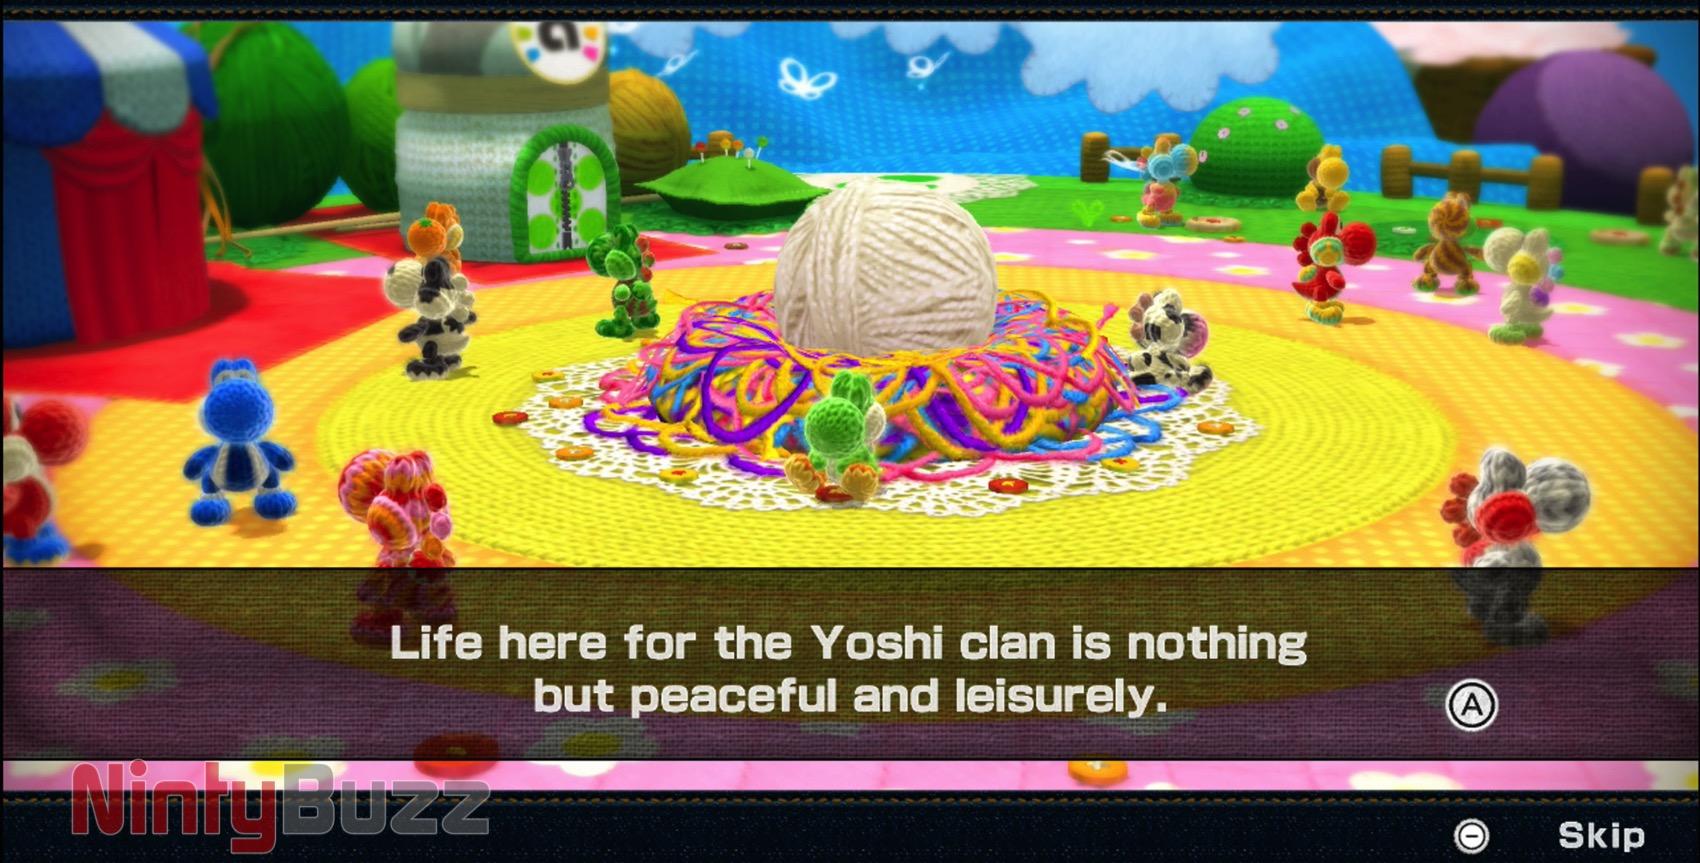 Yoshi's Wooly World Screen Shot 25:06:2015 12.16